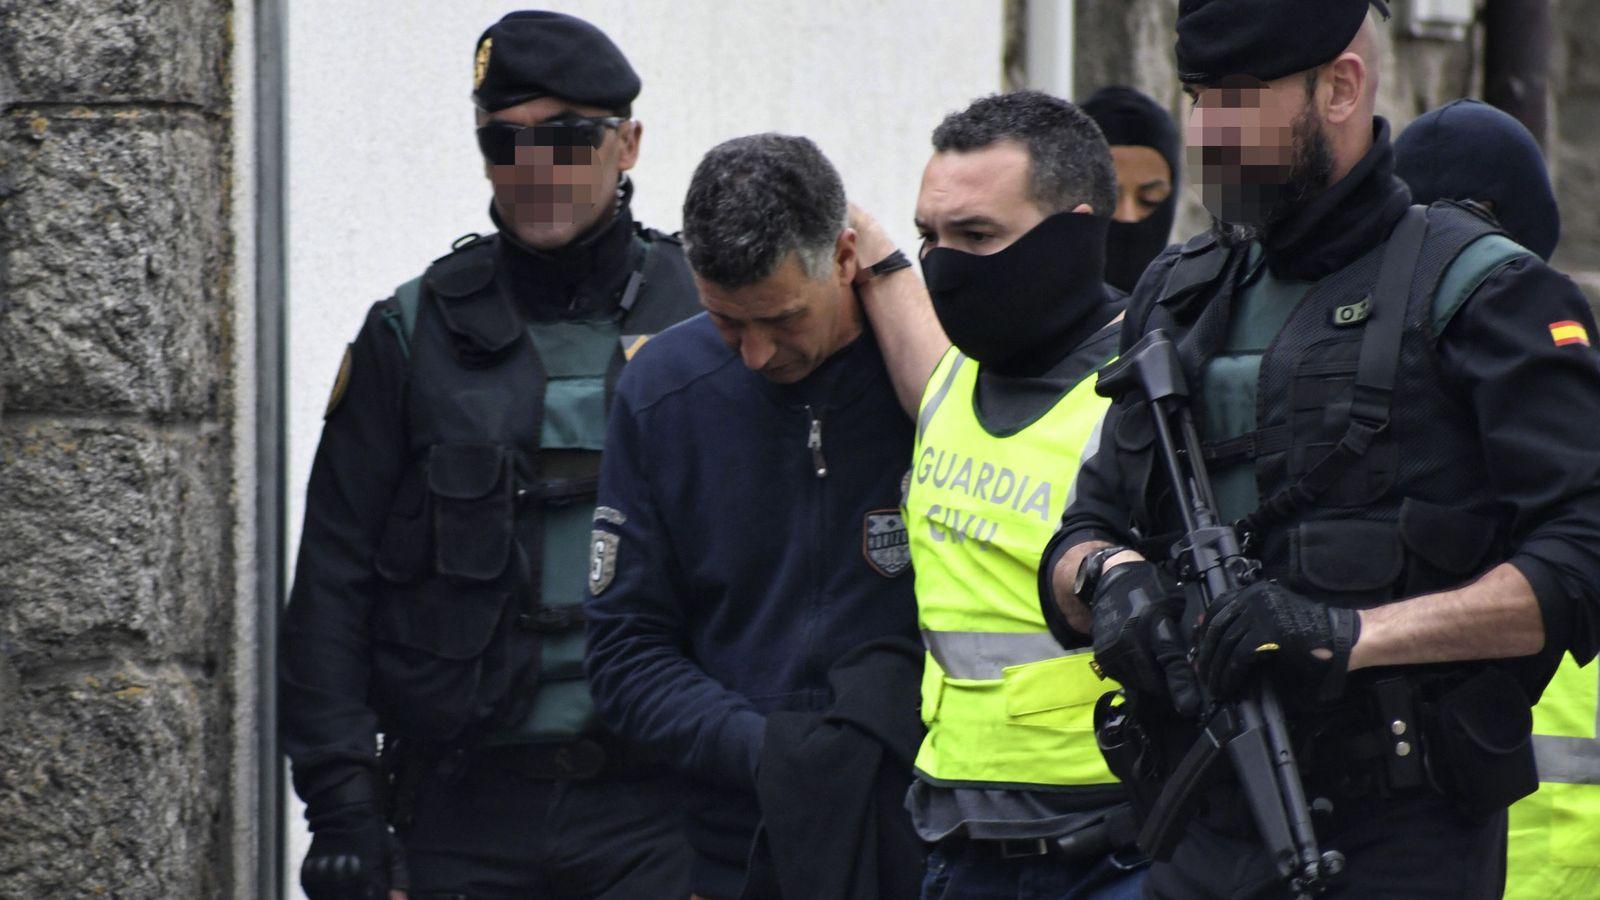 Foto: Agentes de la Guardia Civil trasladan al hombre detenido en la localidad segoviana de El Espinar. (EFE)